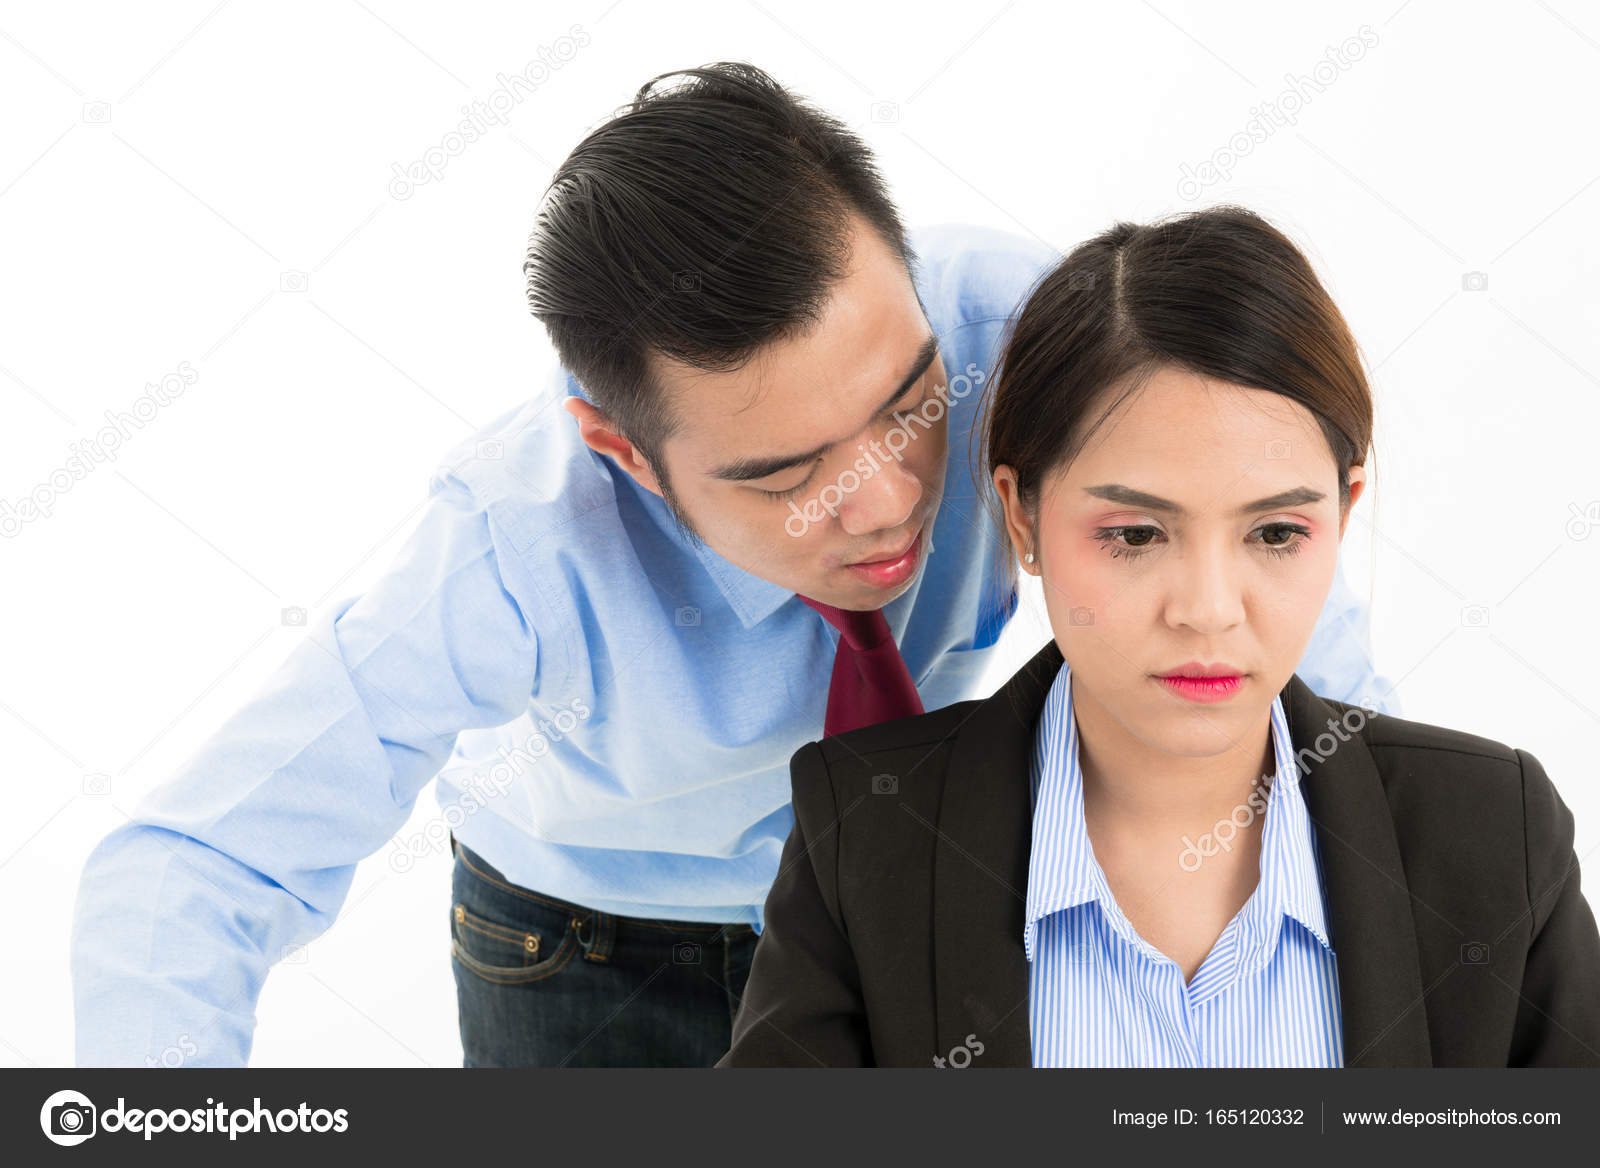 Bureau asie confiant jeune employé entreprise homme murmure près